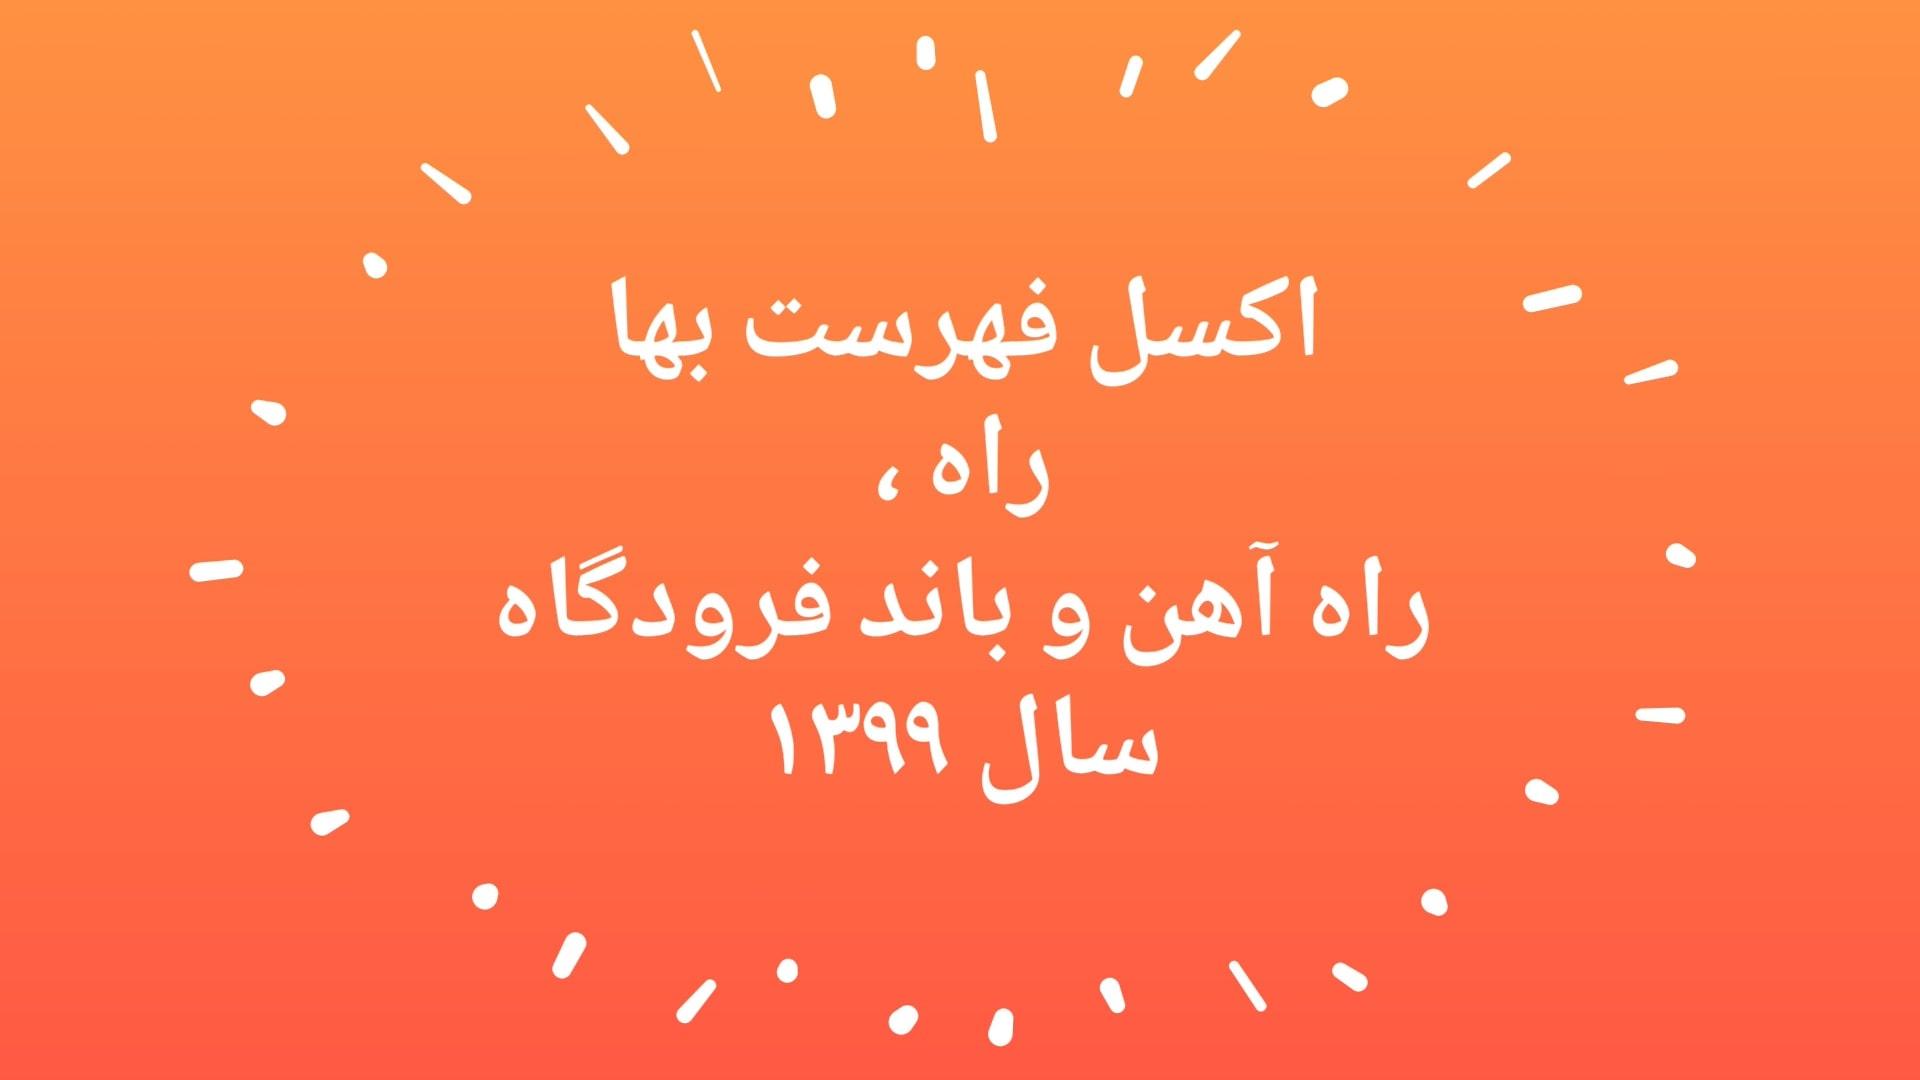 اکسل فهرست بها راه و باند فردودگاه سال 1399